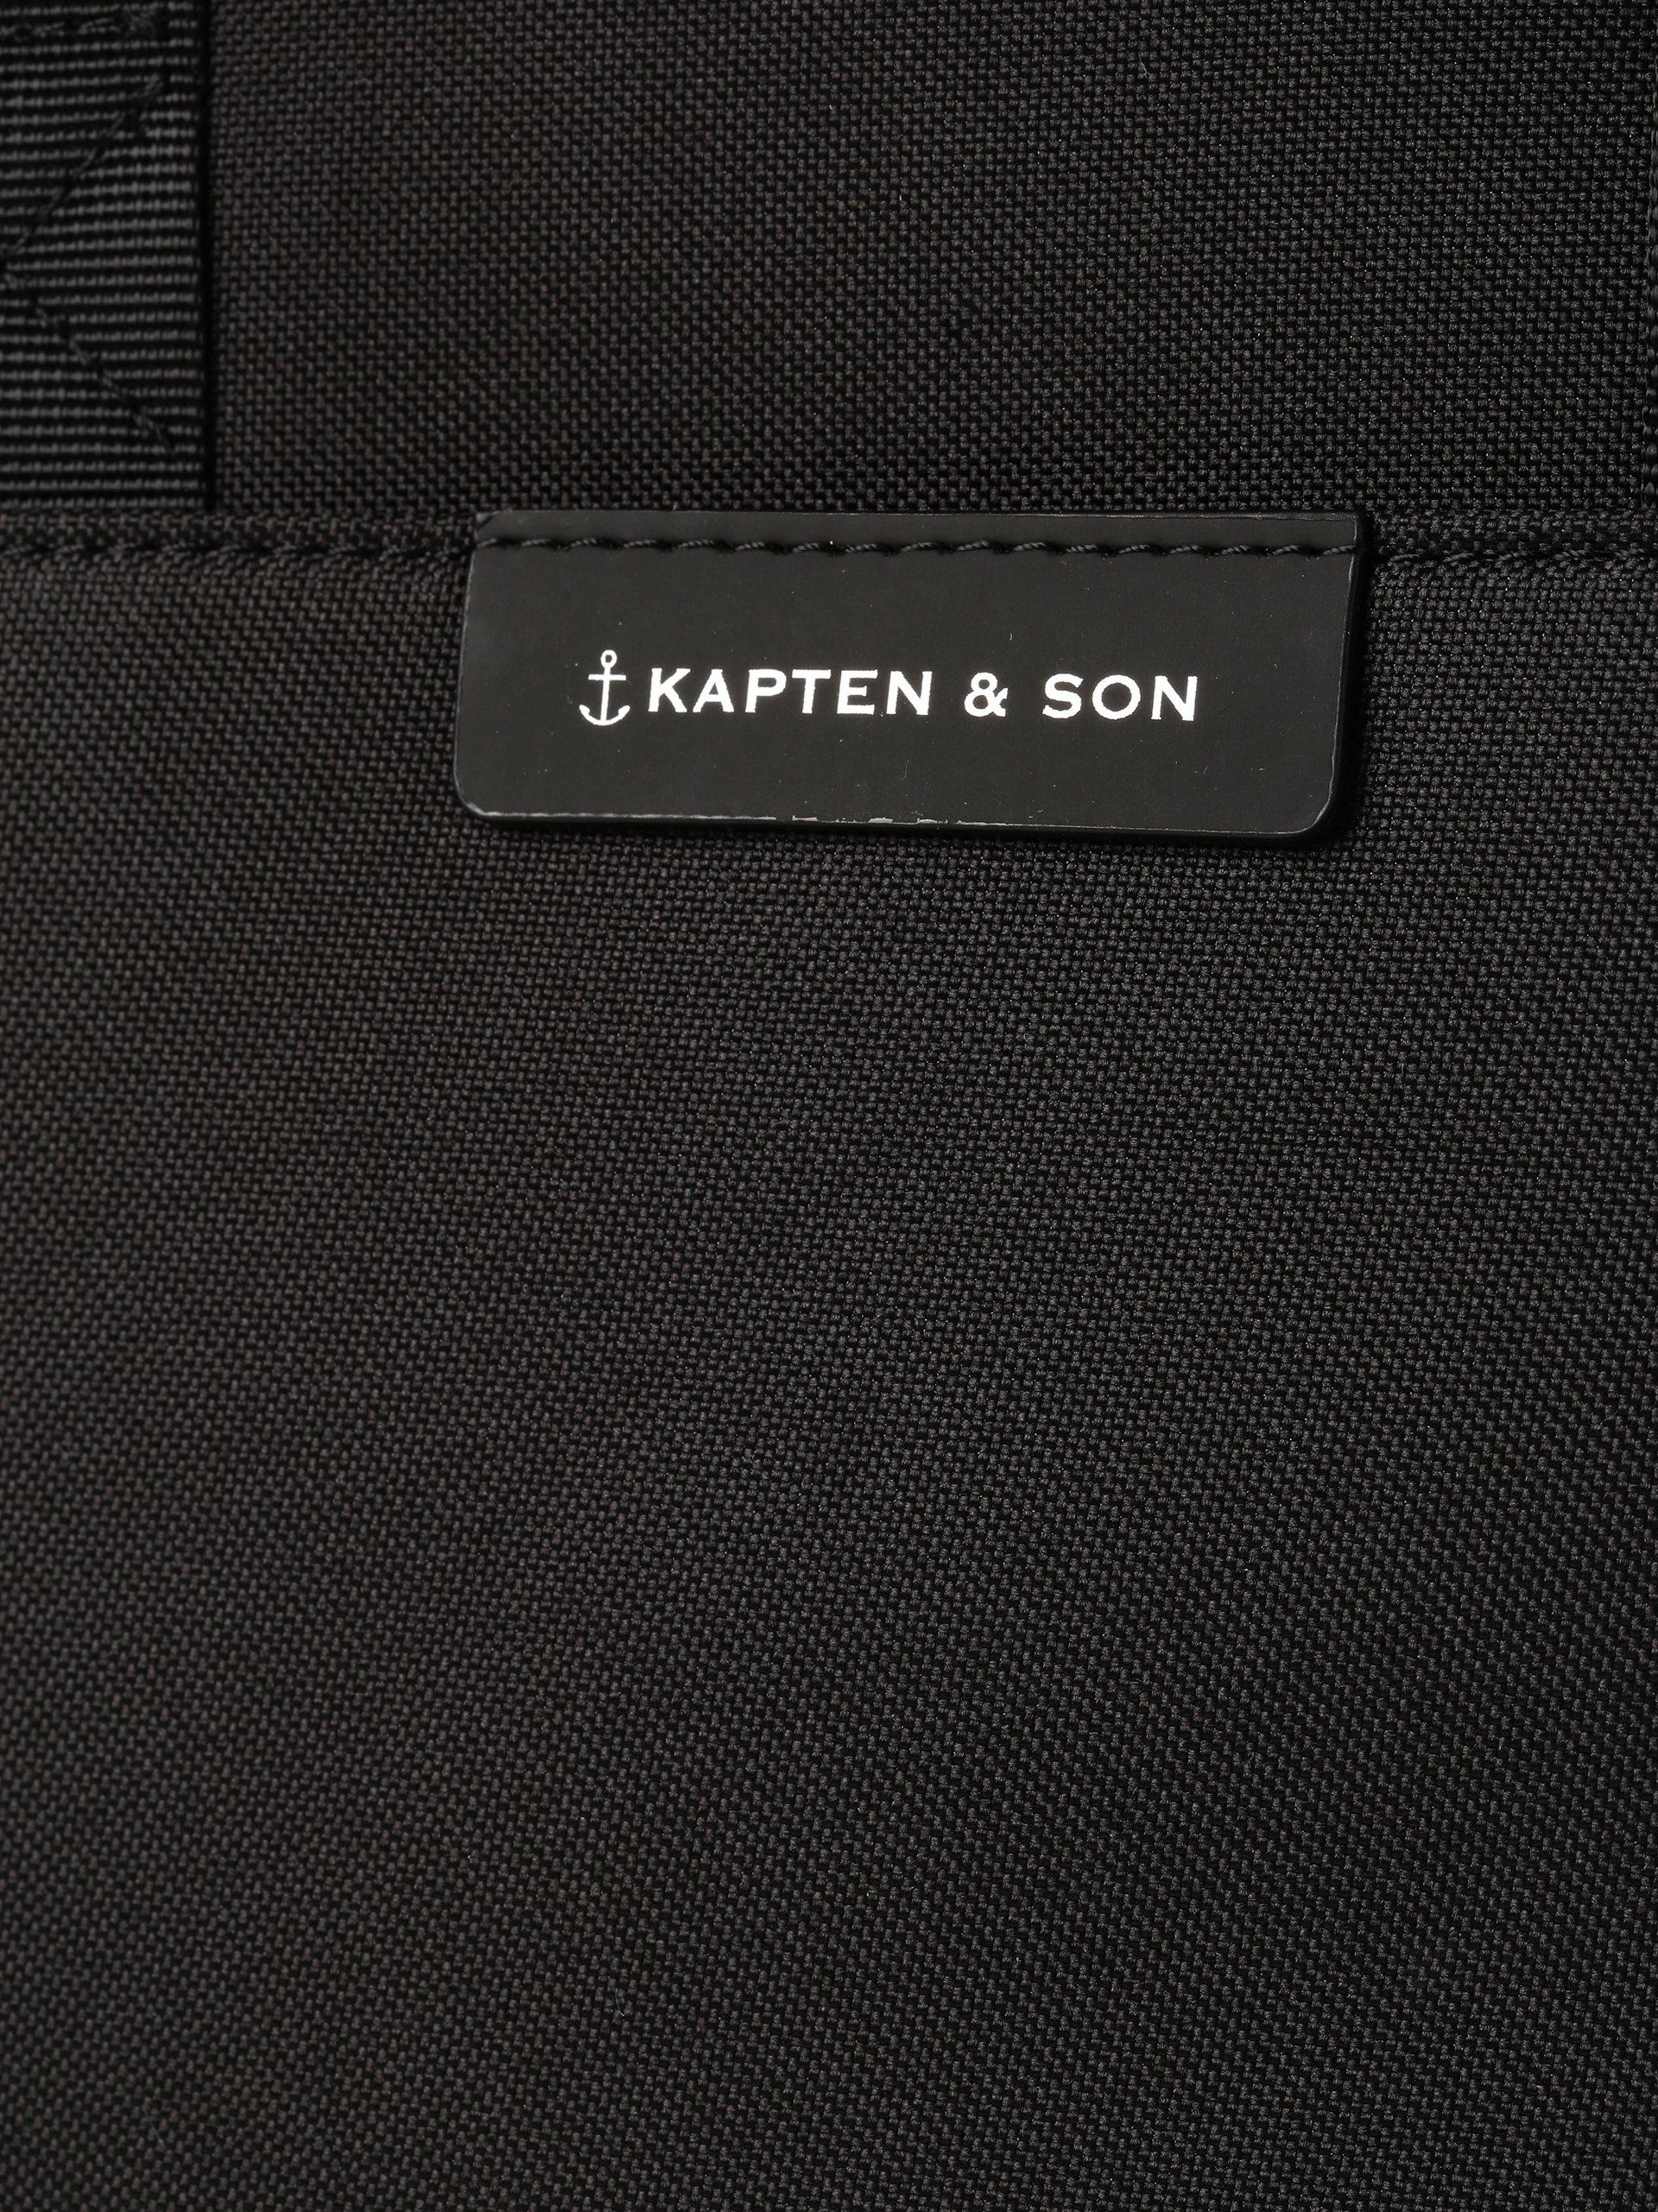 Kapten & Son Rucksack - Malmö